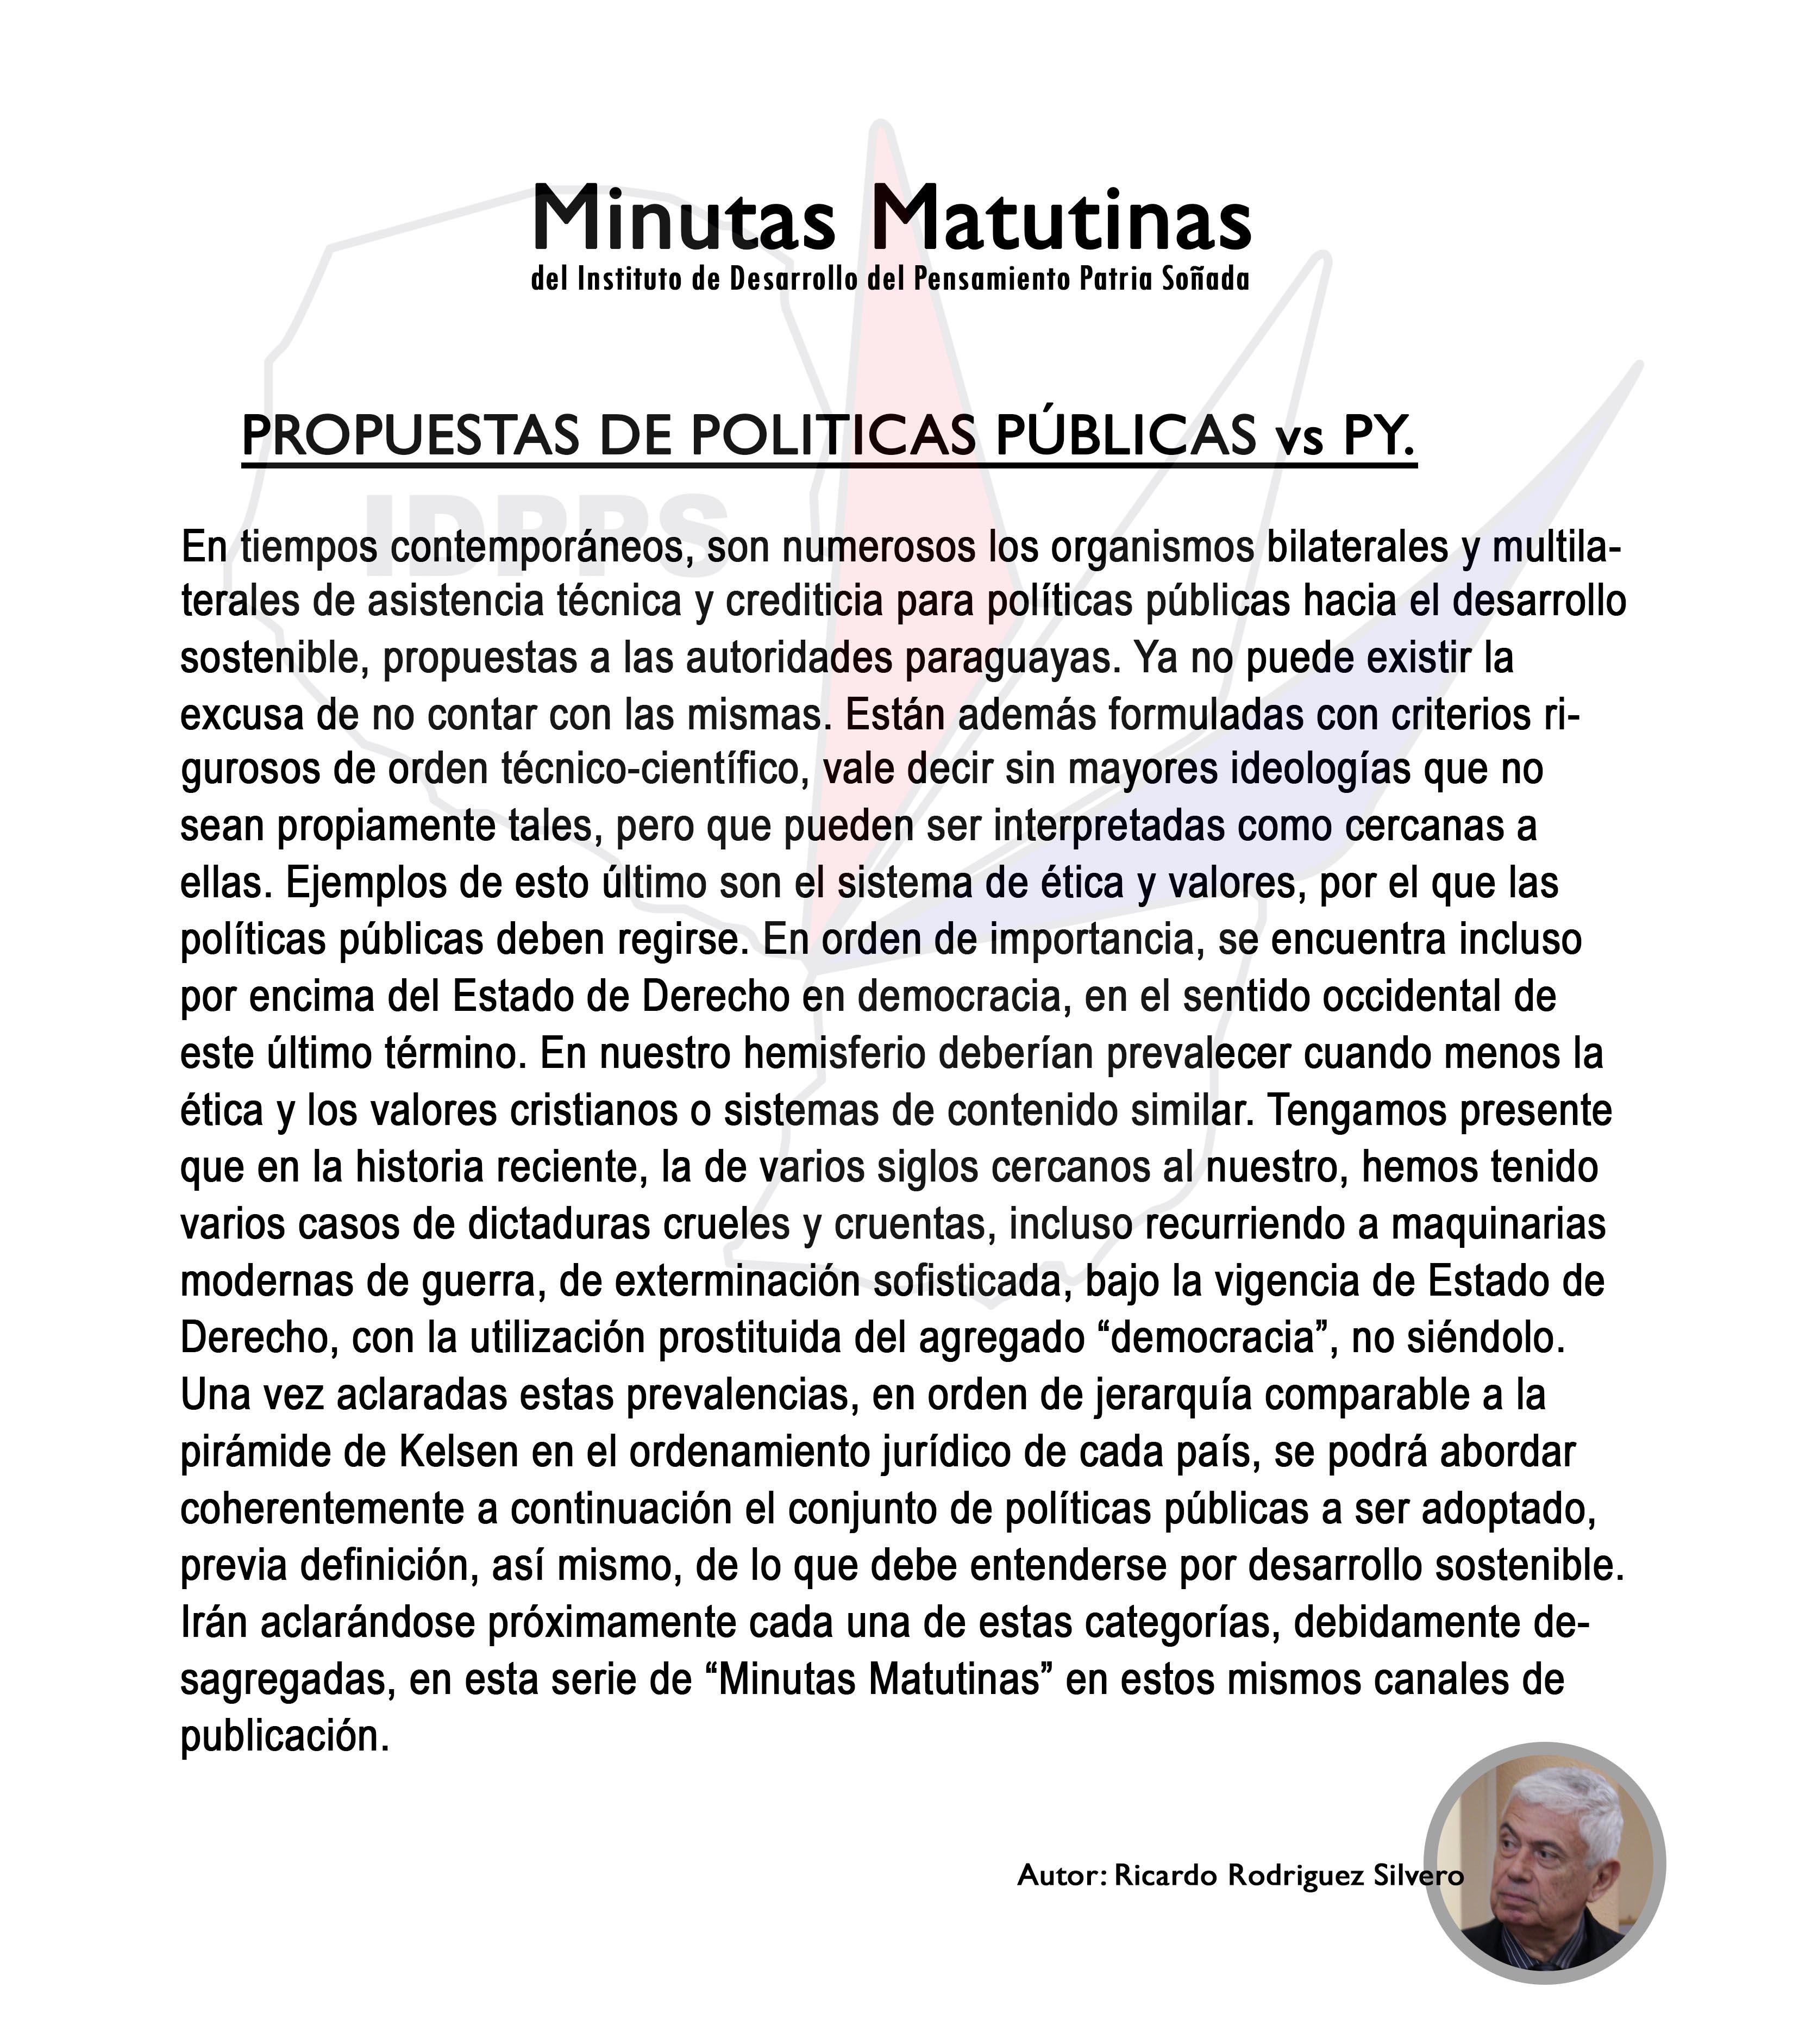 Propuestas de Políticas Públicas vs. Paraguay